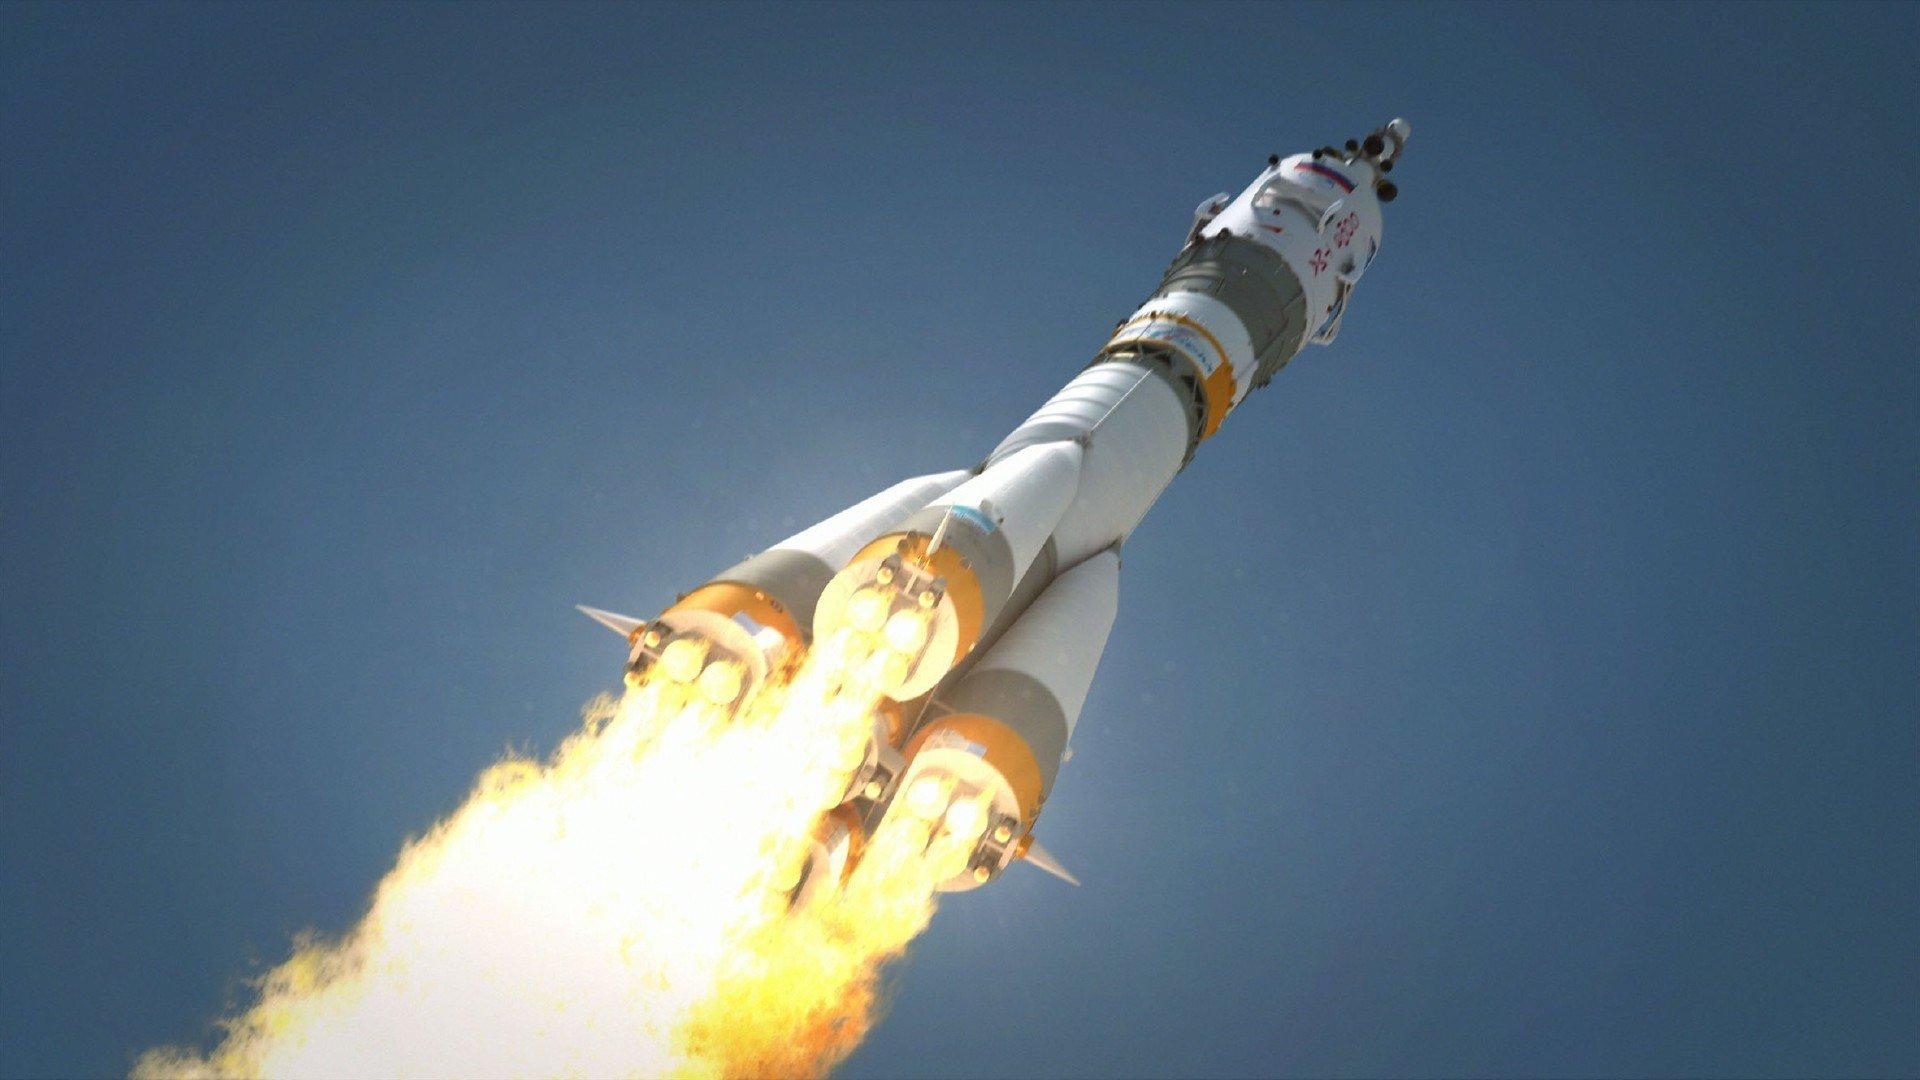 завод по производству компонента ракетного топлива гидразина построен в России